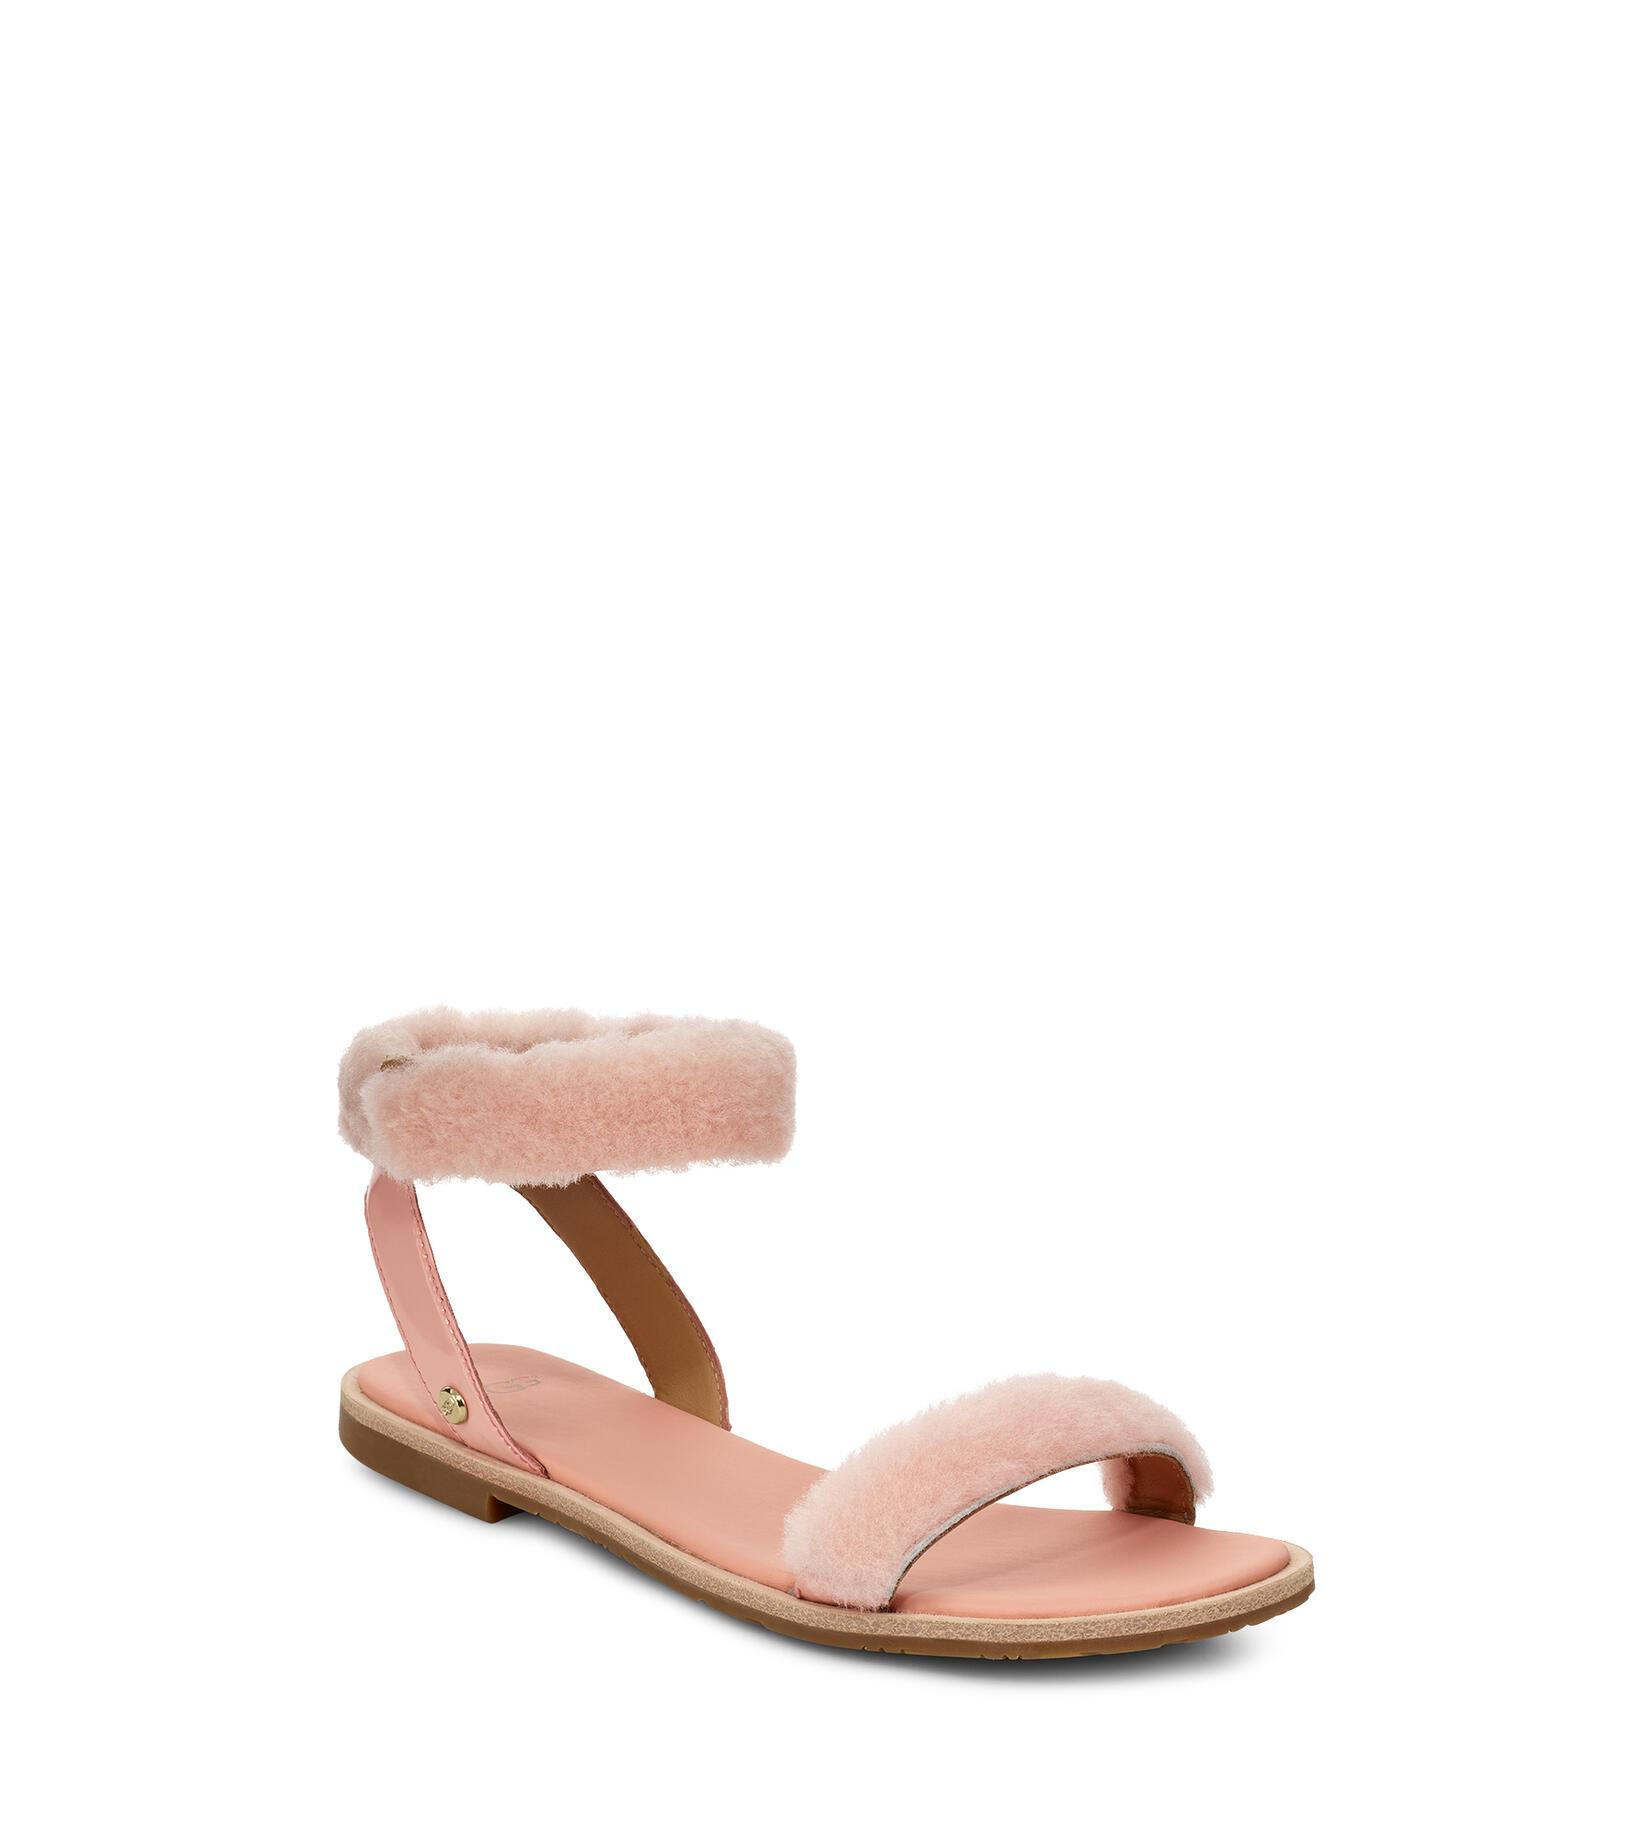 Fluff Springs Sandal